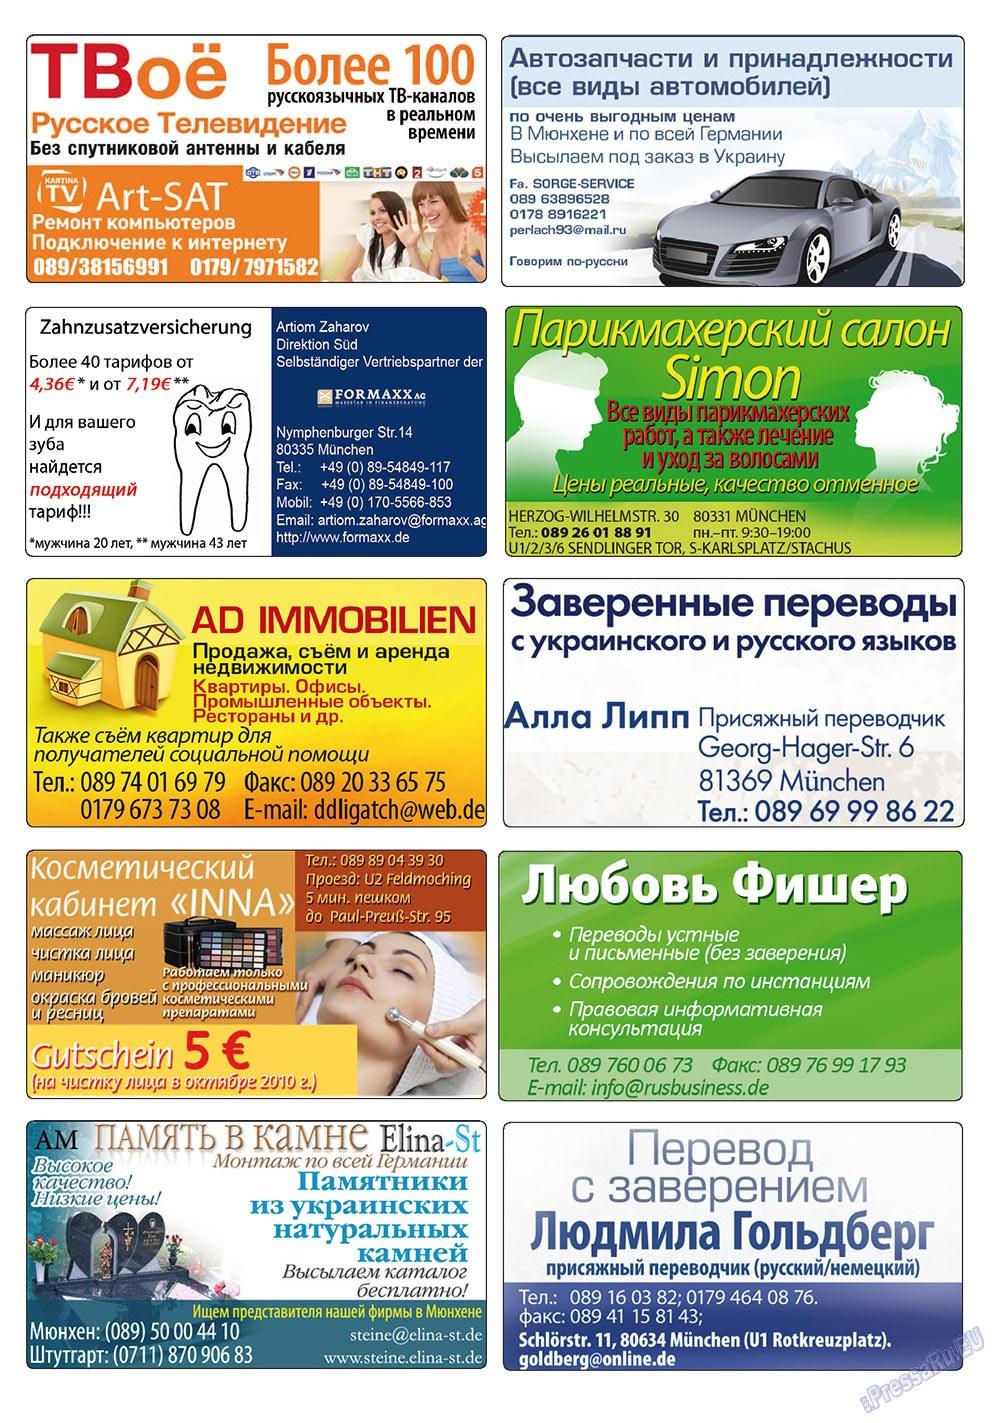 Апельсин (журнал). 2010 год, номер 15, стр. 24